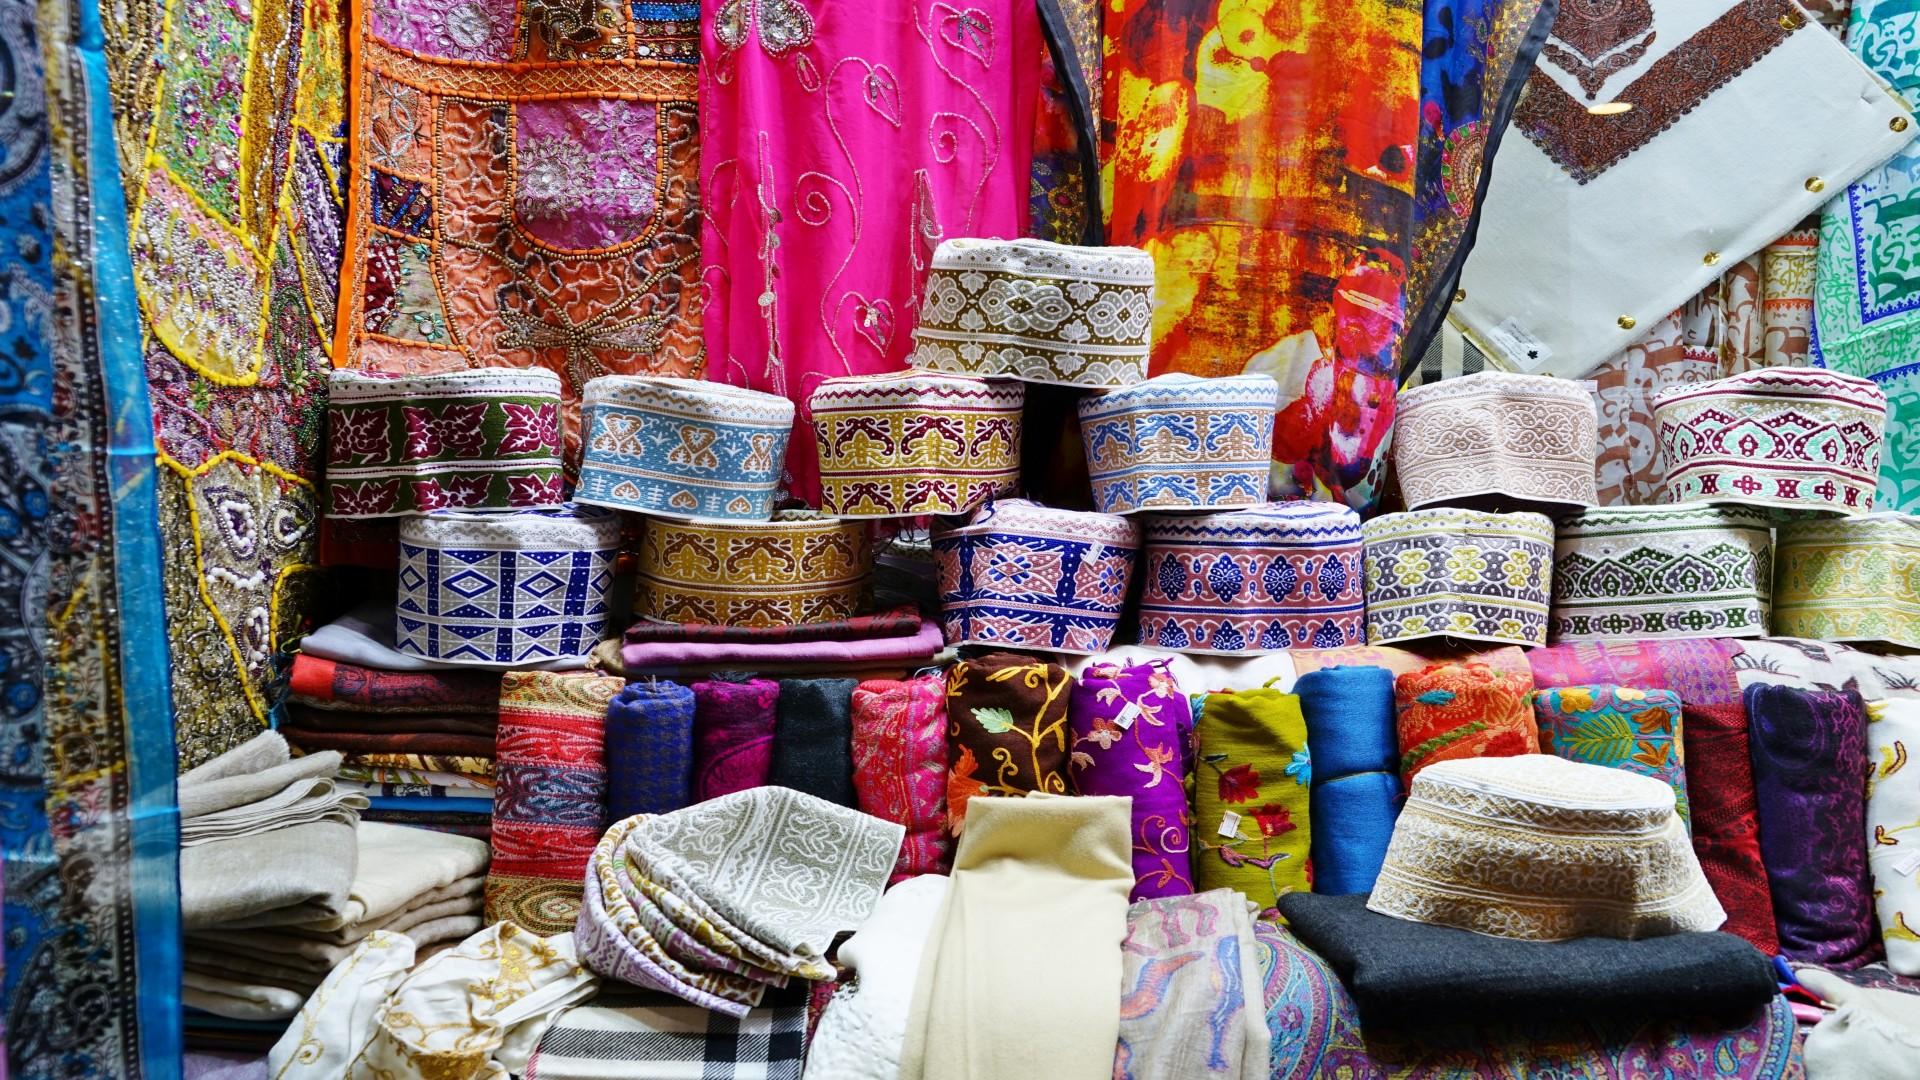 Mooie Kumma (Omani hoedjes) en andere kleding en stoffen, Muttrah souk, Muscat, Oman